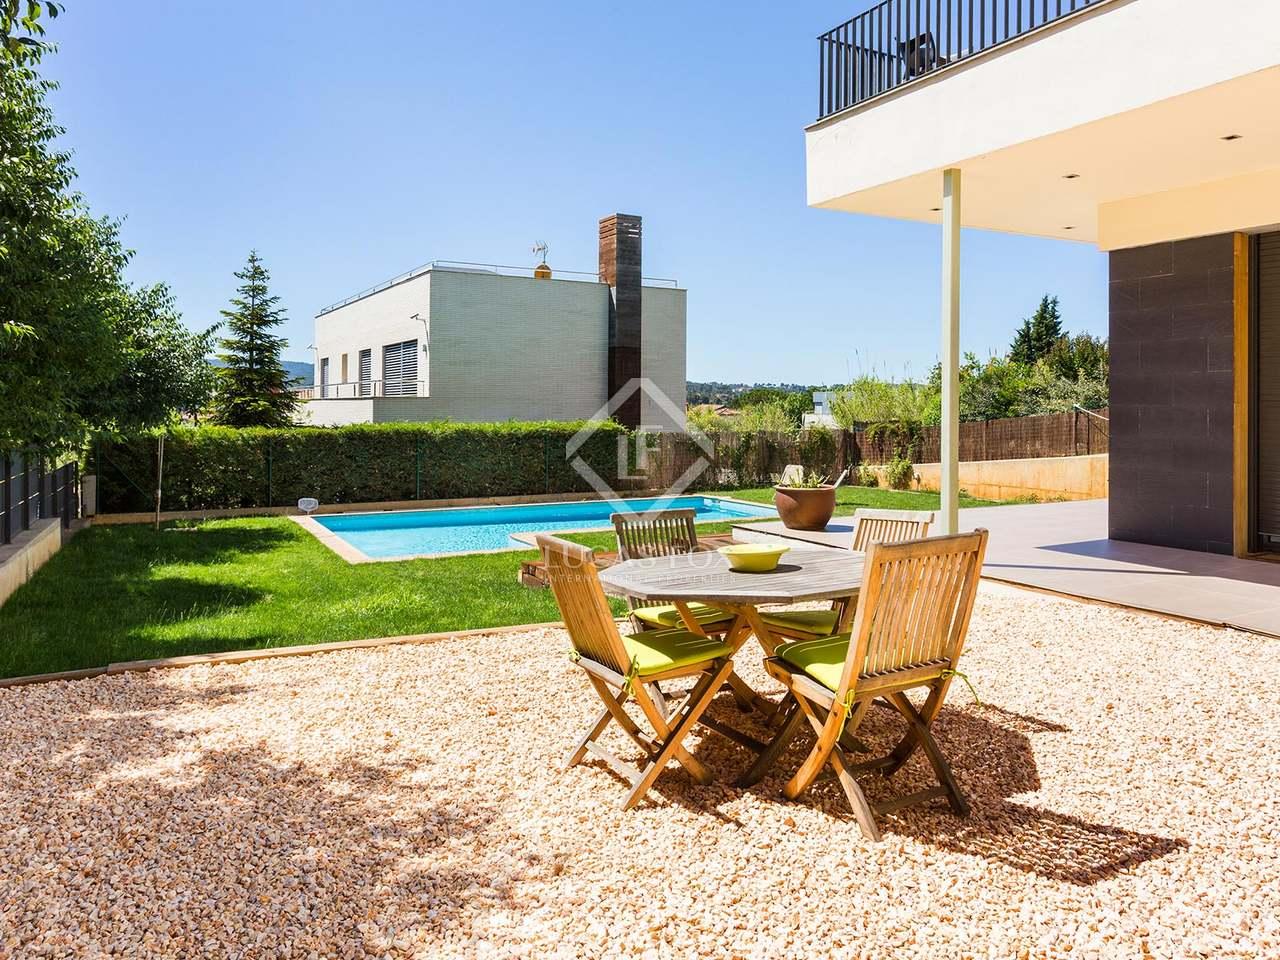 Moderne maison en vente sant cugat pr s de barcelone - Piscines sant cugat ...